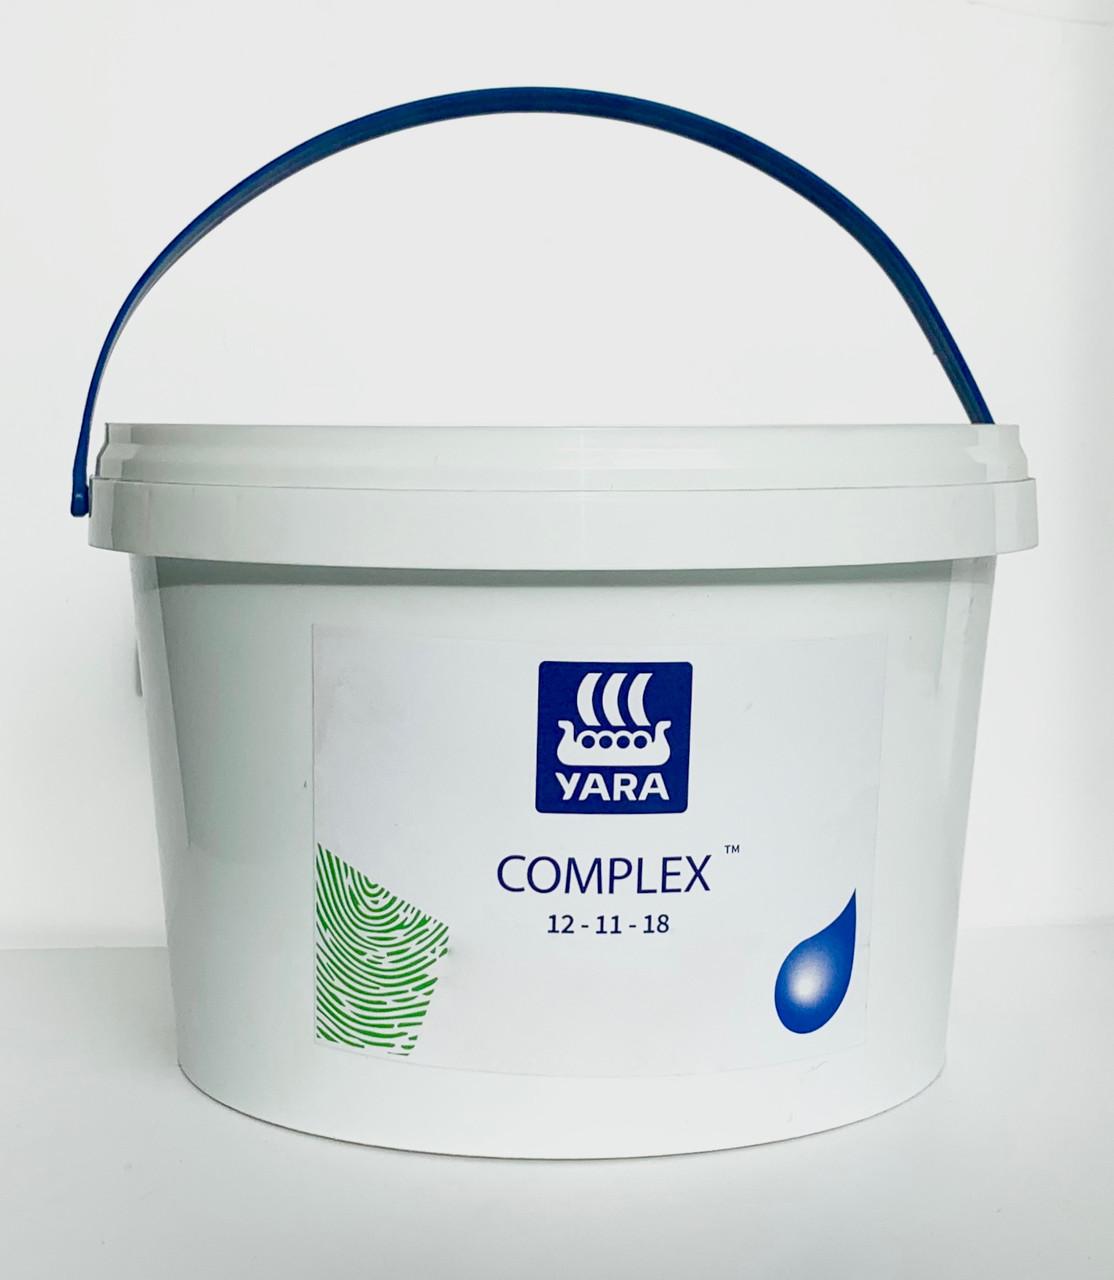 Универсальное комплексное минеральное удобрение Яра Мила Комплекс, Yara Mila COMPLEX NPK 12-11-18 (2,5 кг)